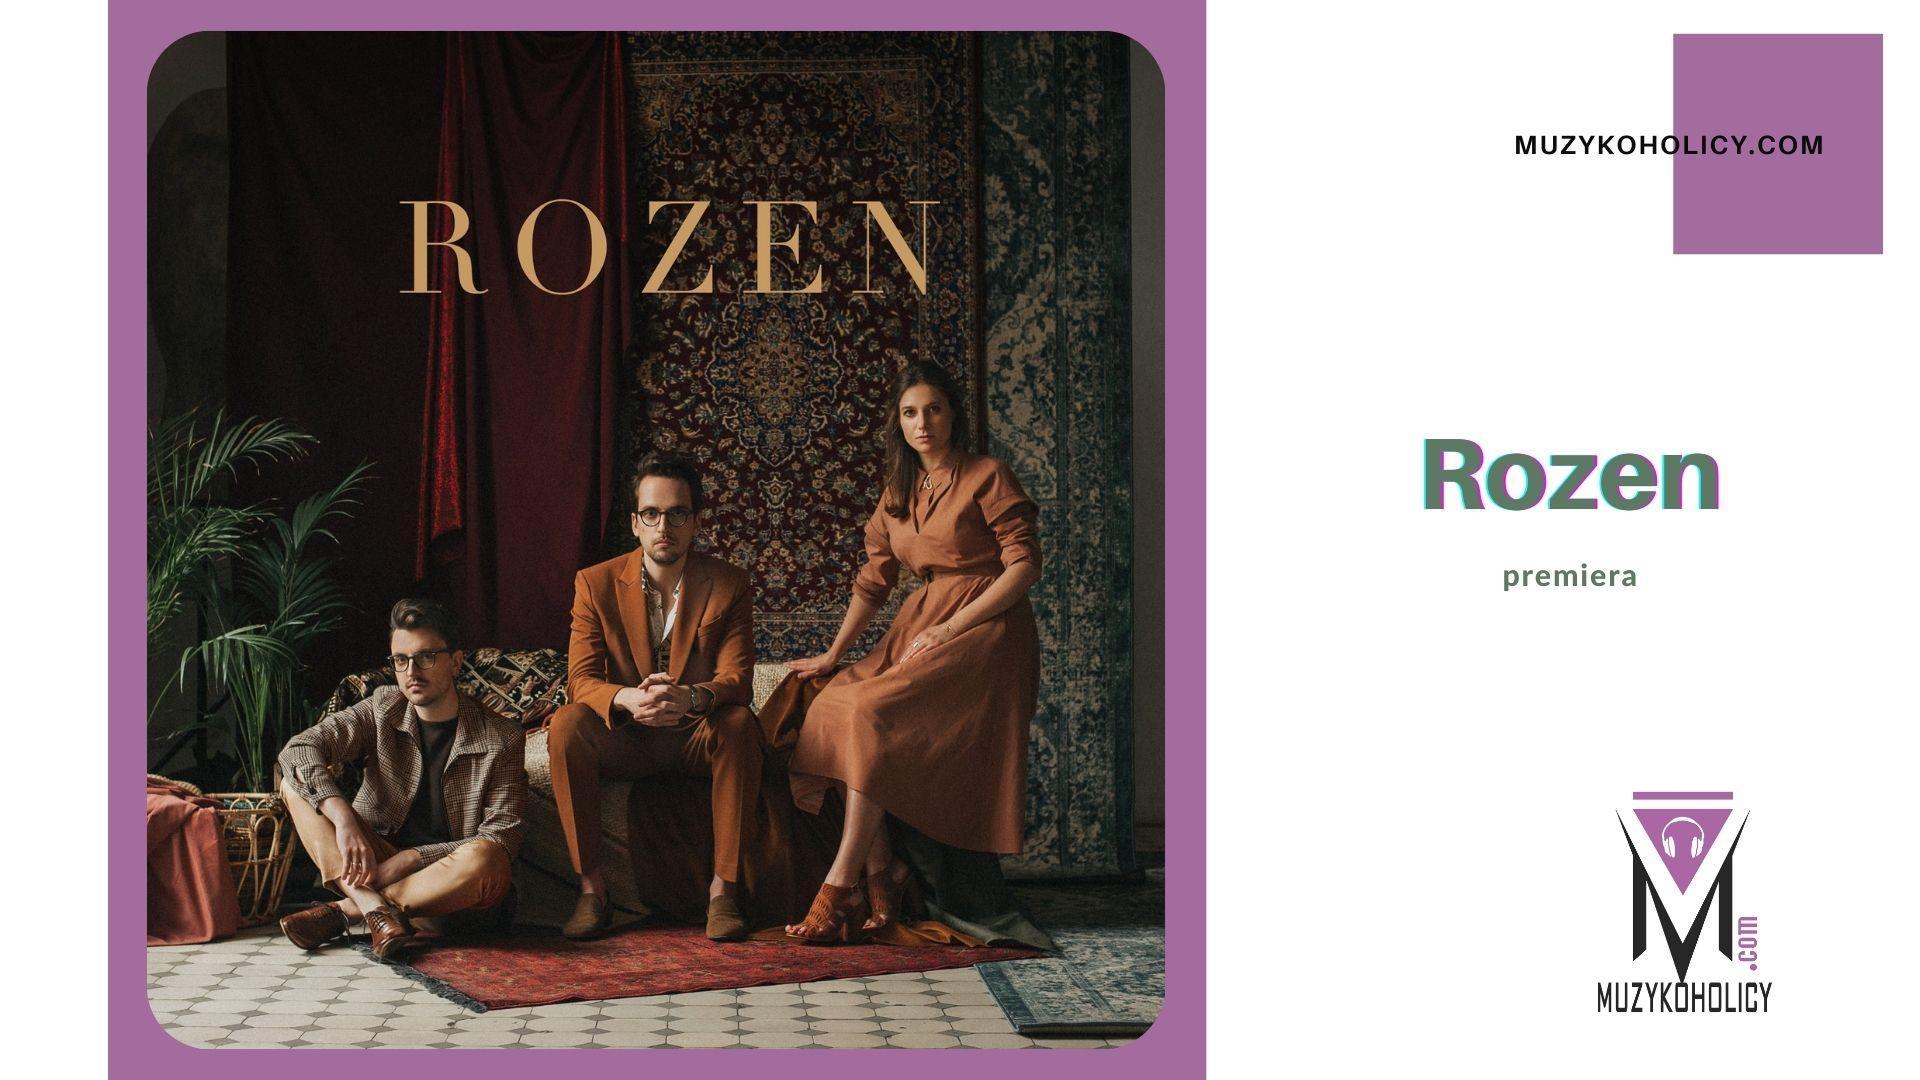 Rozen wydał debiutancką płytę! Ten album to wyciskacz łez